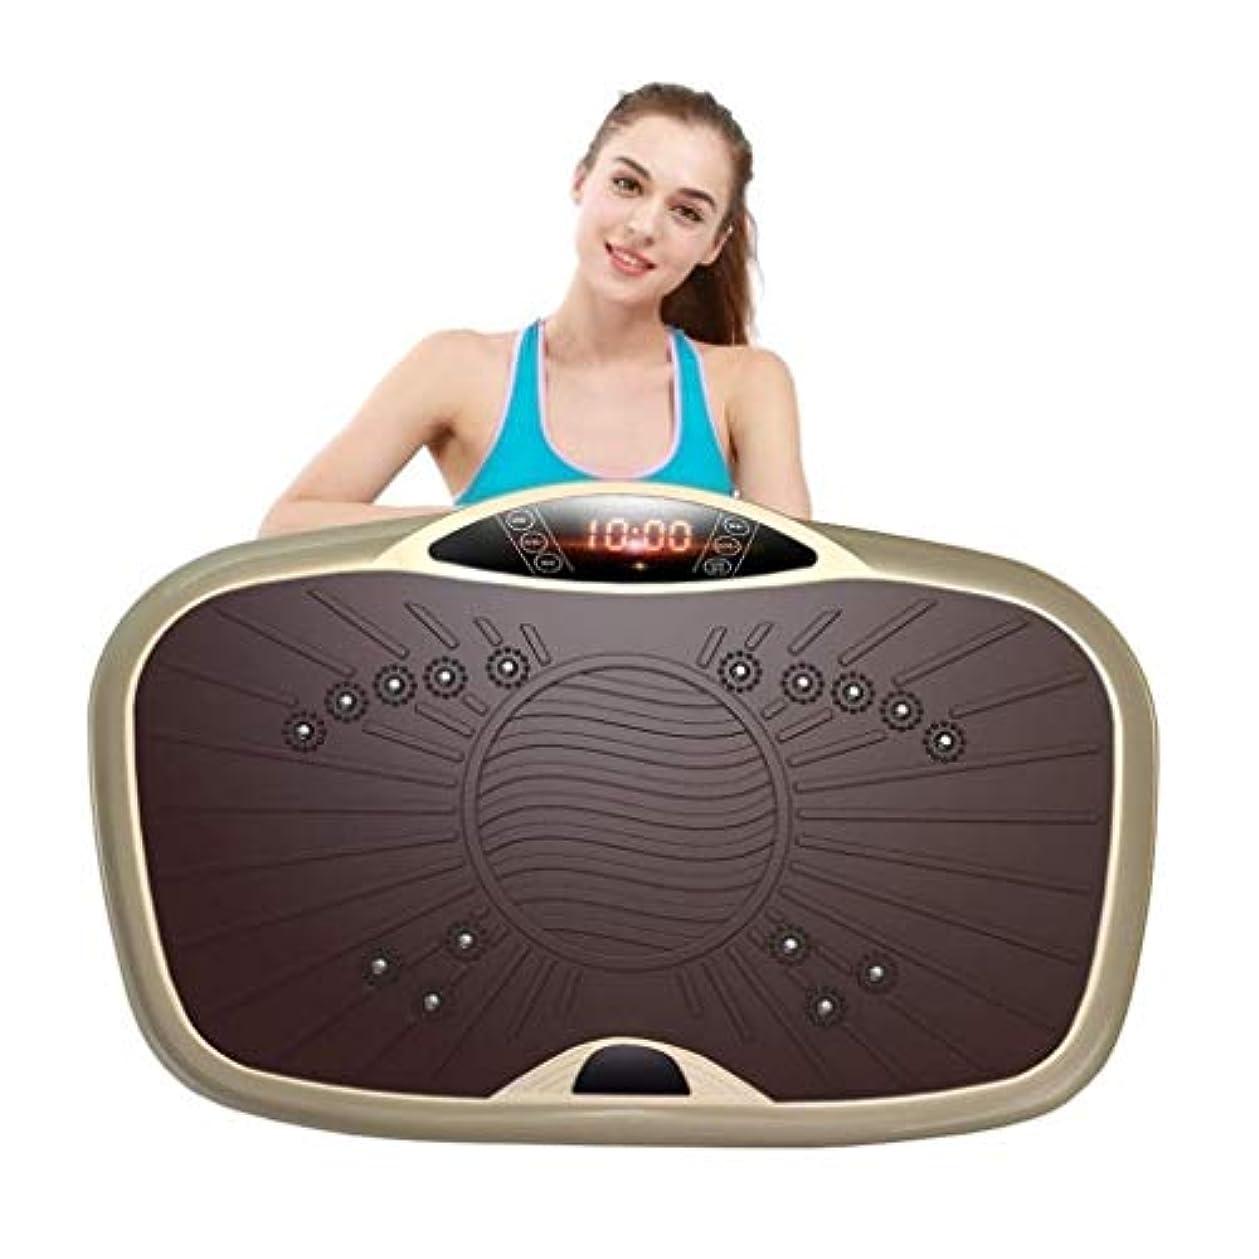 持つ違反最適減量装置、体力振動トレーナーエクササイズパワープレート、99レベルの速度でジムホームオフィスで脂肪体の調子を失う (Color : ゴールド)